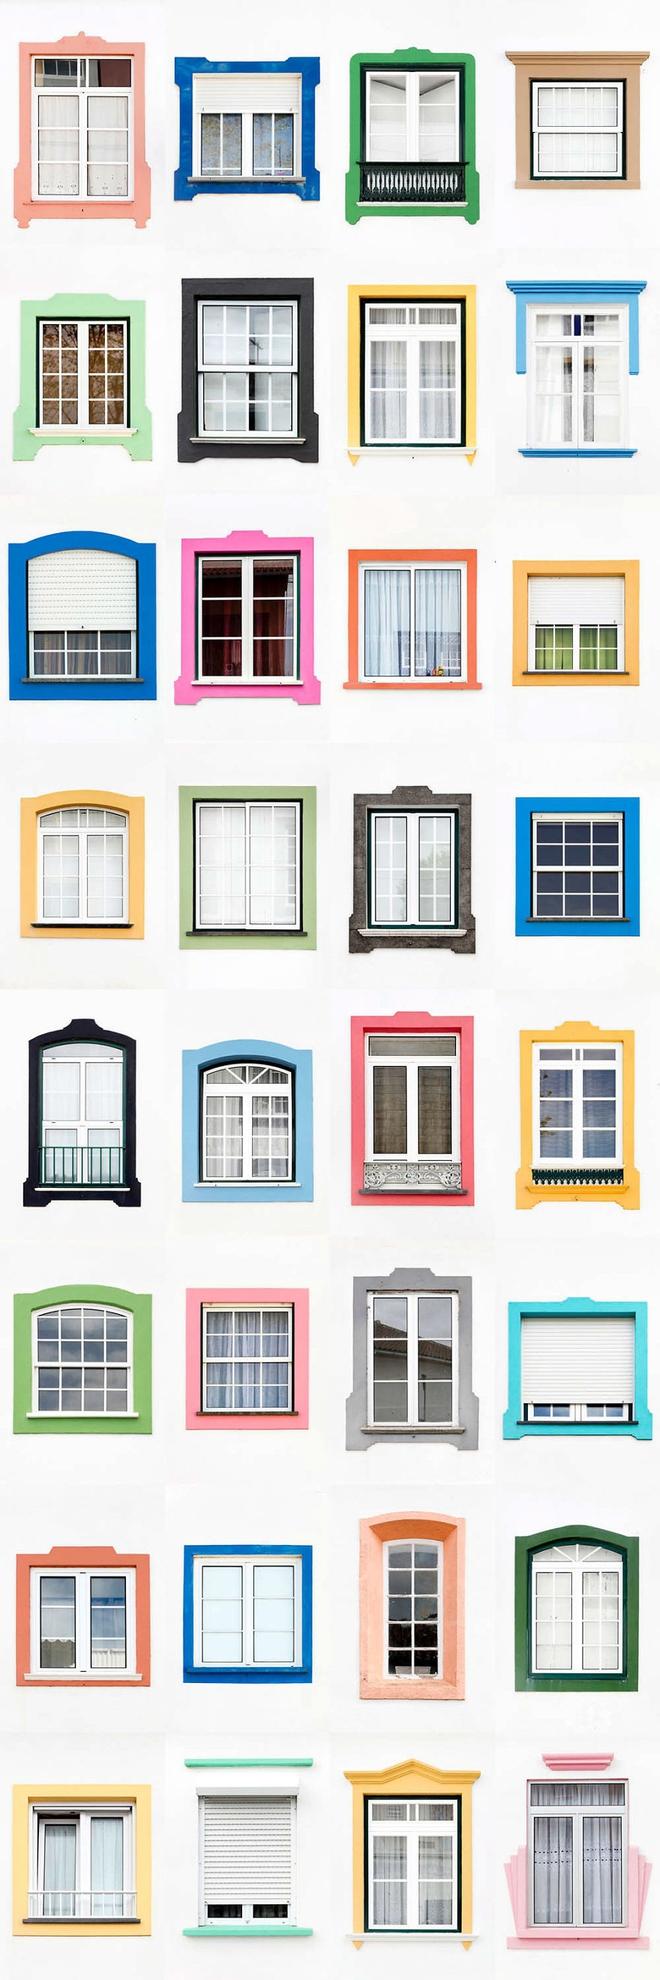 Mãn nhãn với 14 phong cách thiết kế cửa sổ ấn tượng ở Bồ Đào Nha - Ảnh 8.